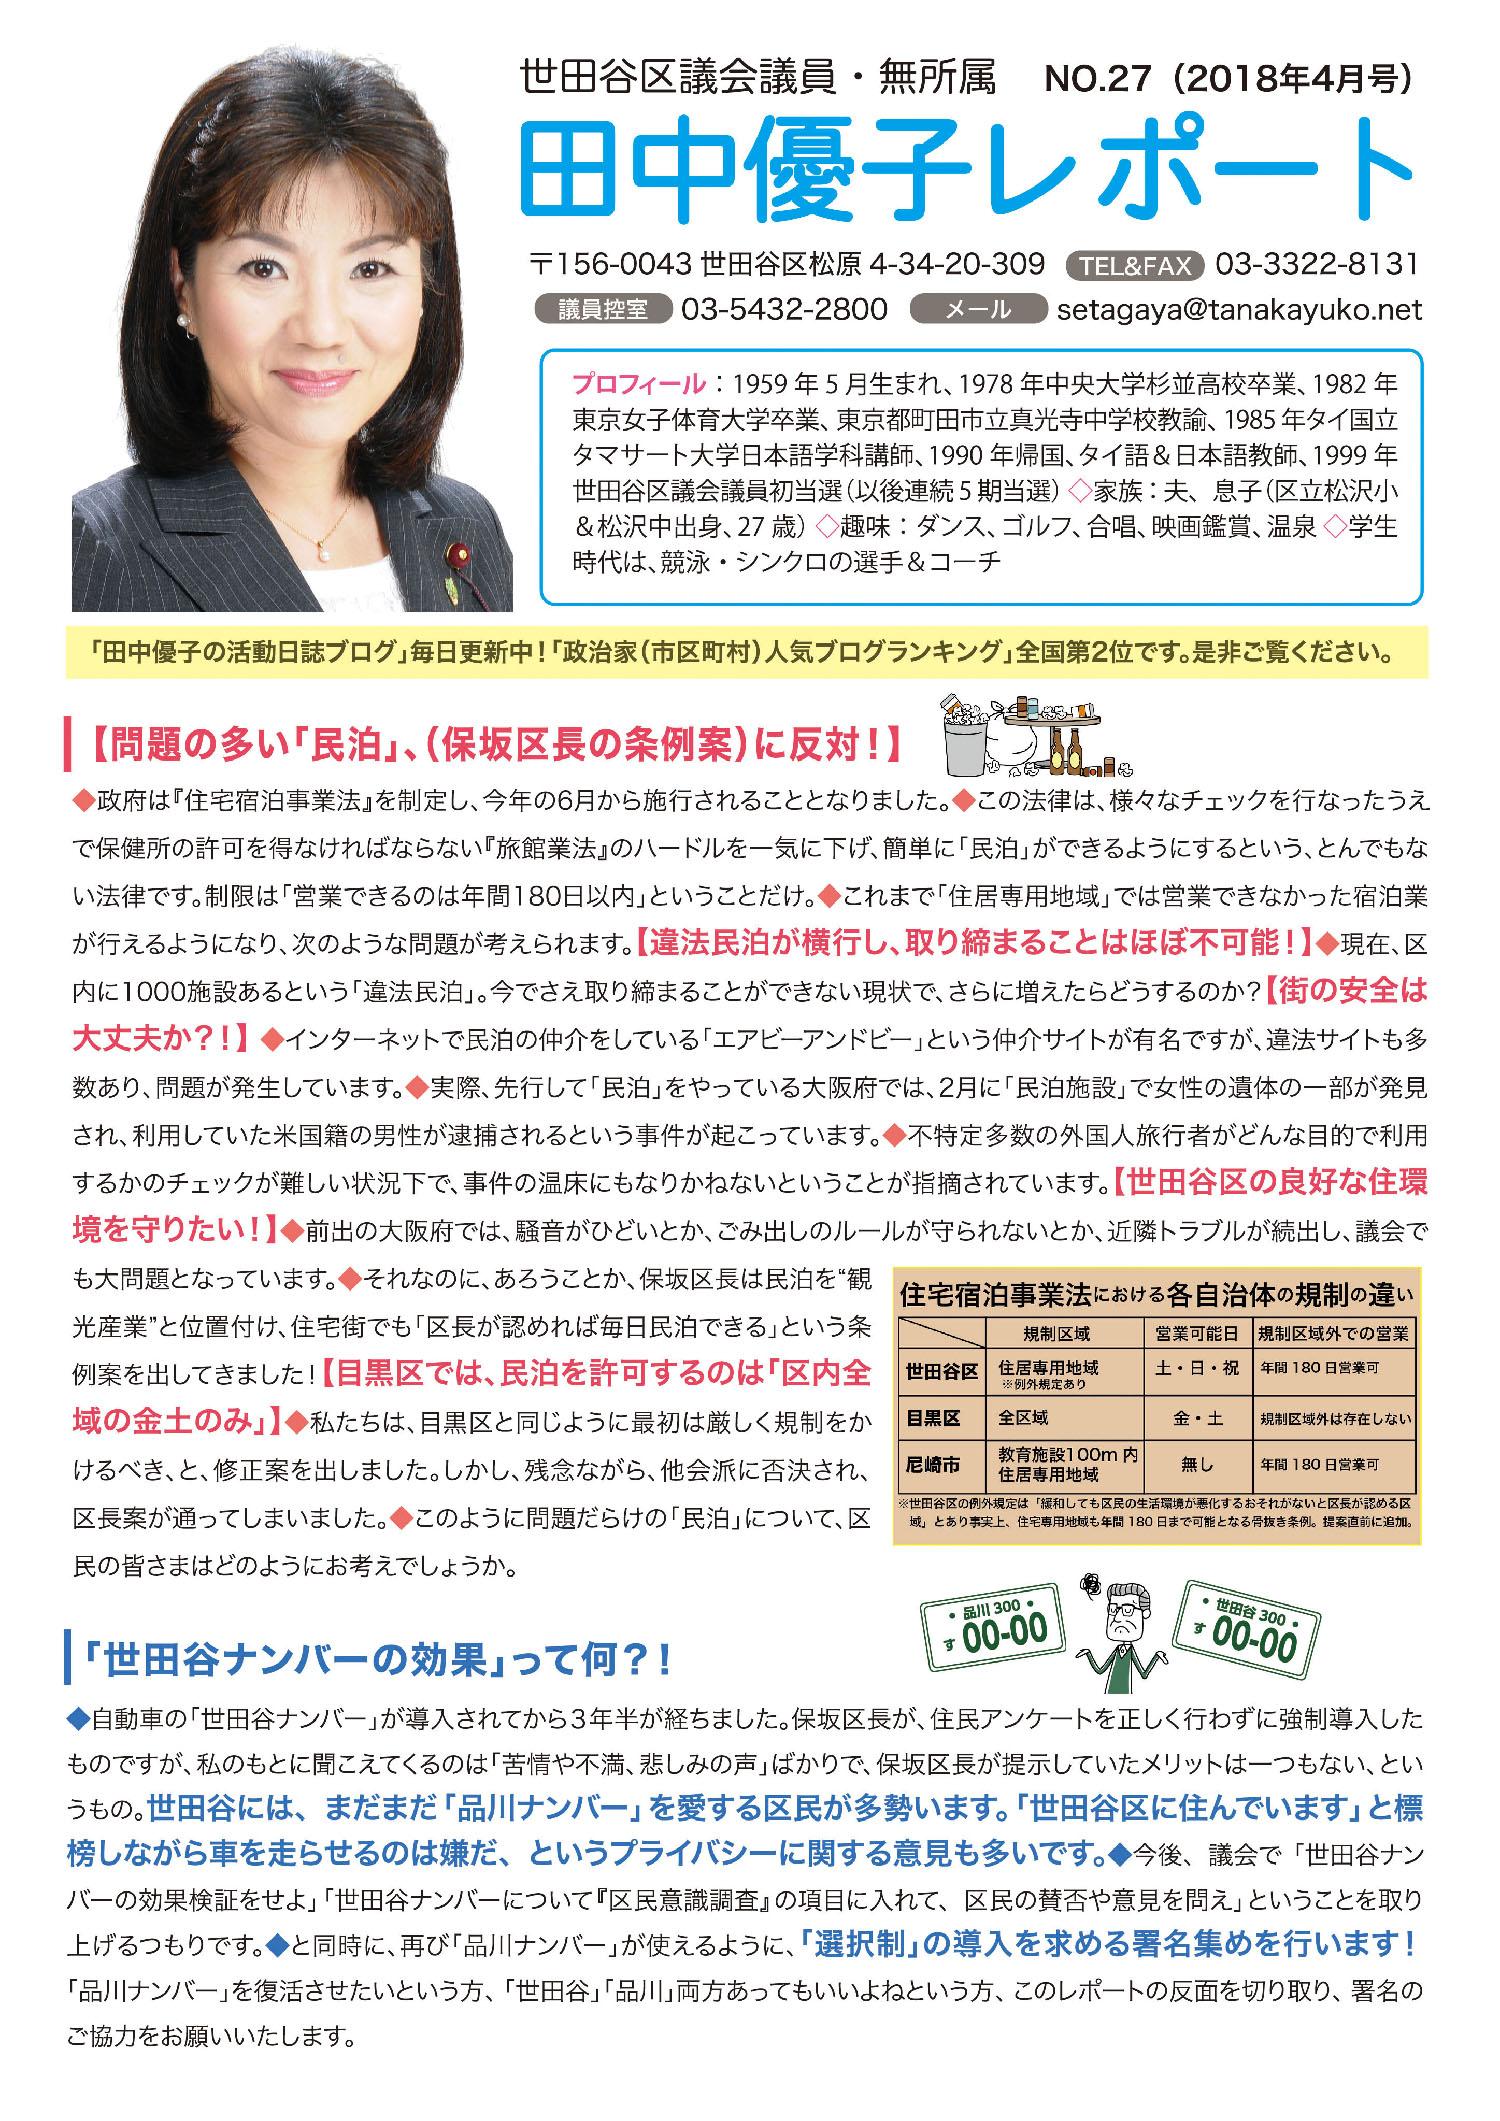 田中優子レポートNO.27オモテ